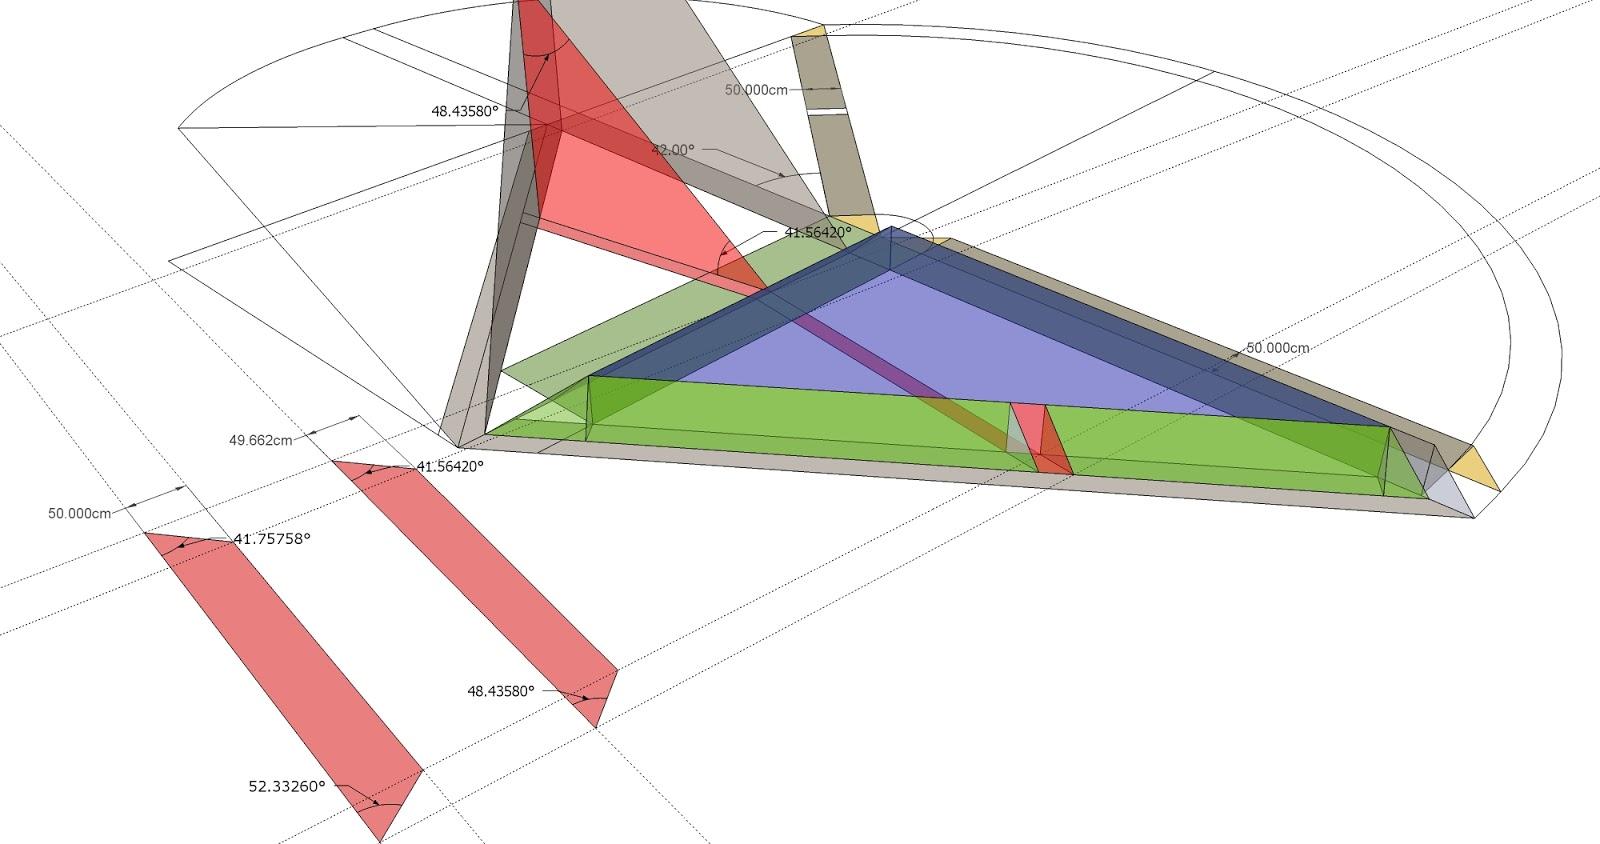 Ausgezeichnet Wie Layout Sparren Mit Framing Platz Ideen ...